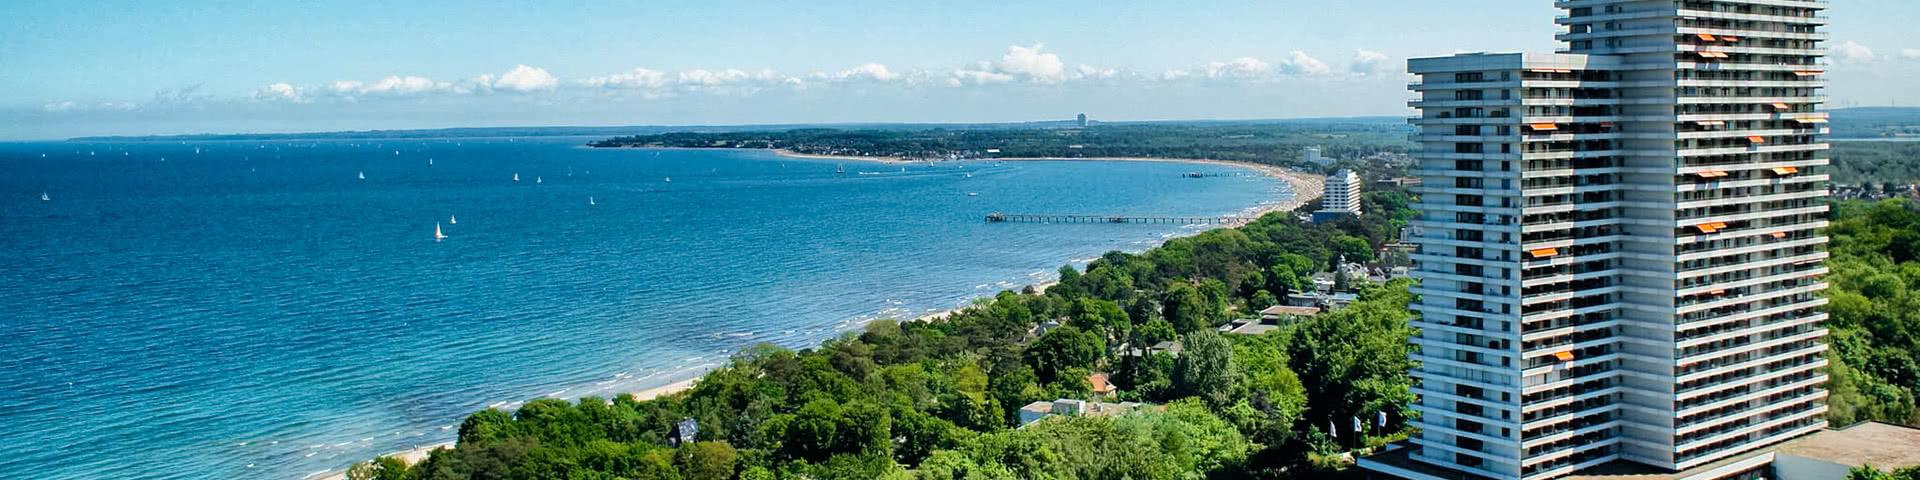 Außenansicht mit Blick auf die Ostsee vom Maritim Club Hotel Timmendorfer Strand